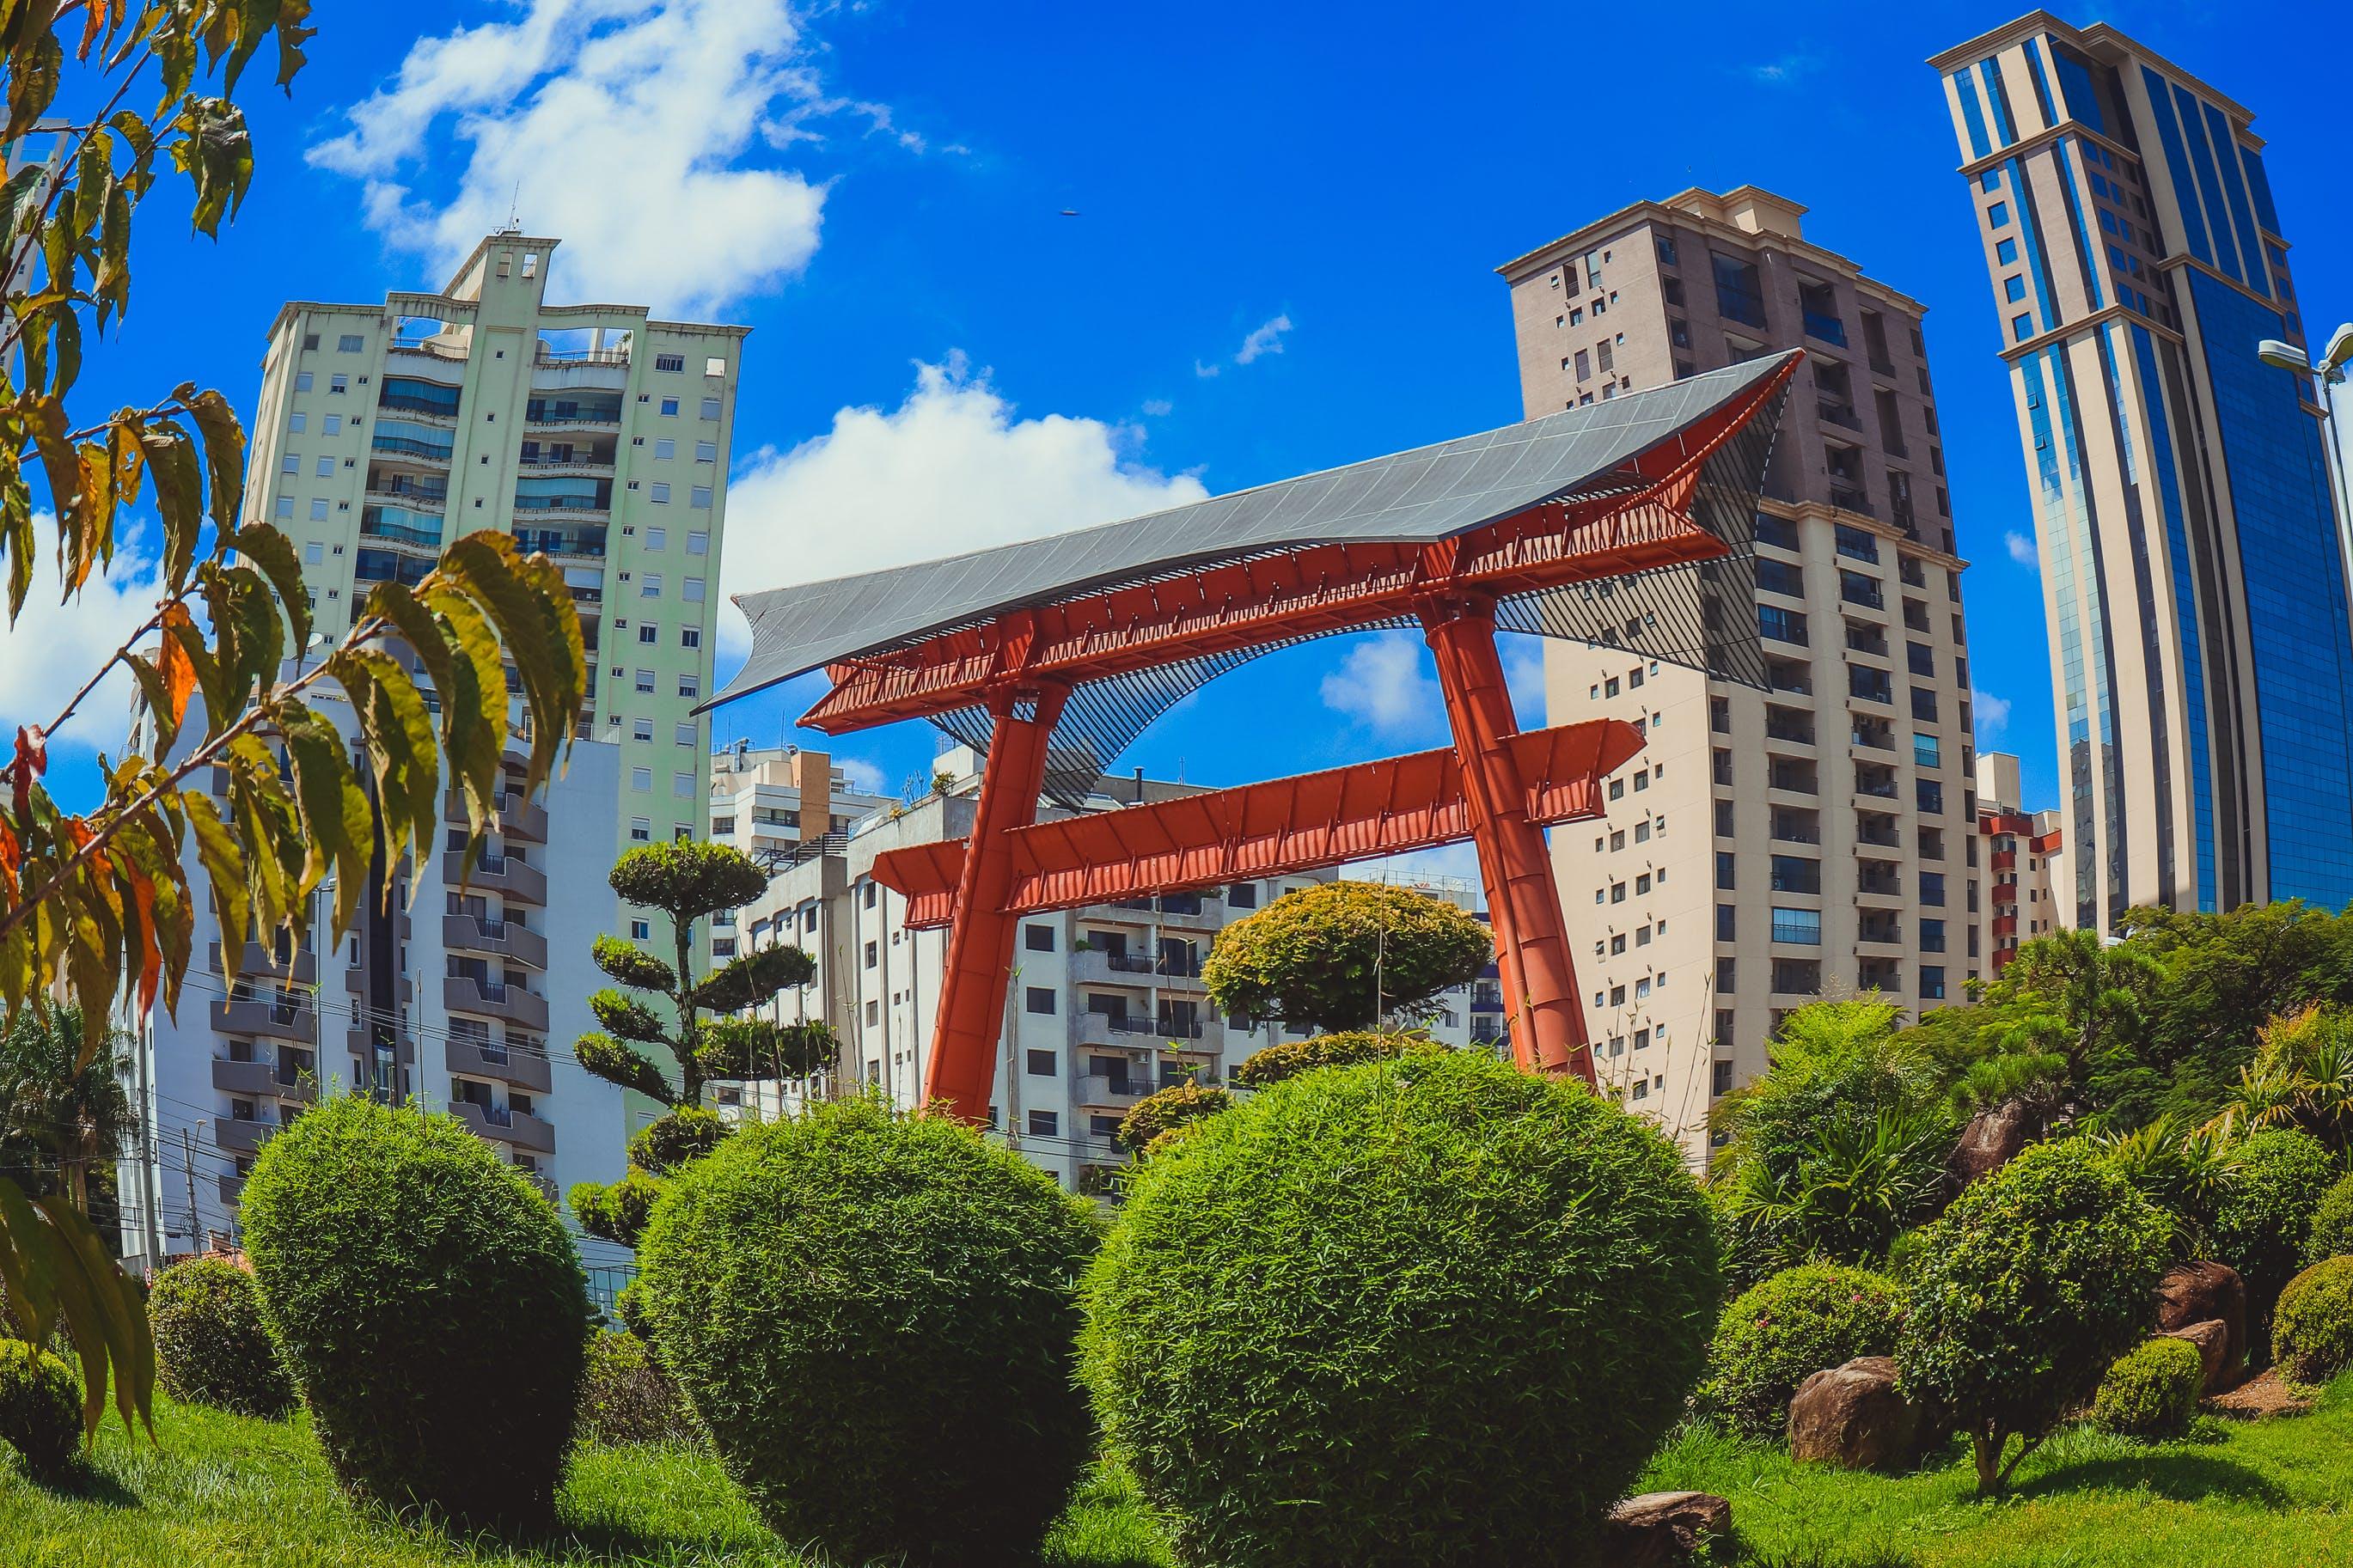 다채로운, 도시, 물고기 눈, 상파울루의 무료 스톡 사진